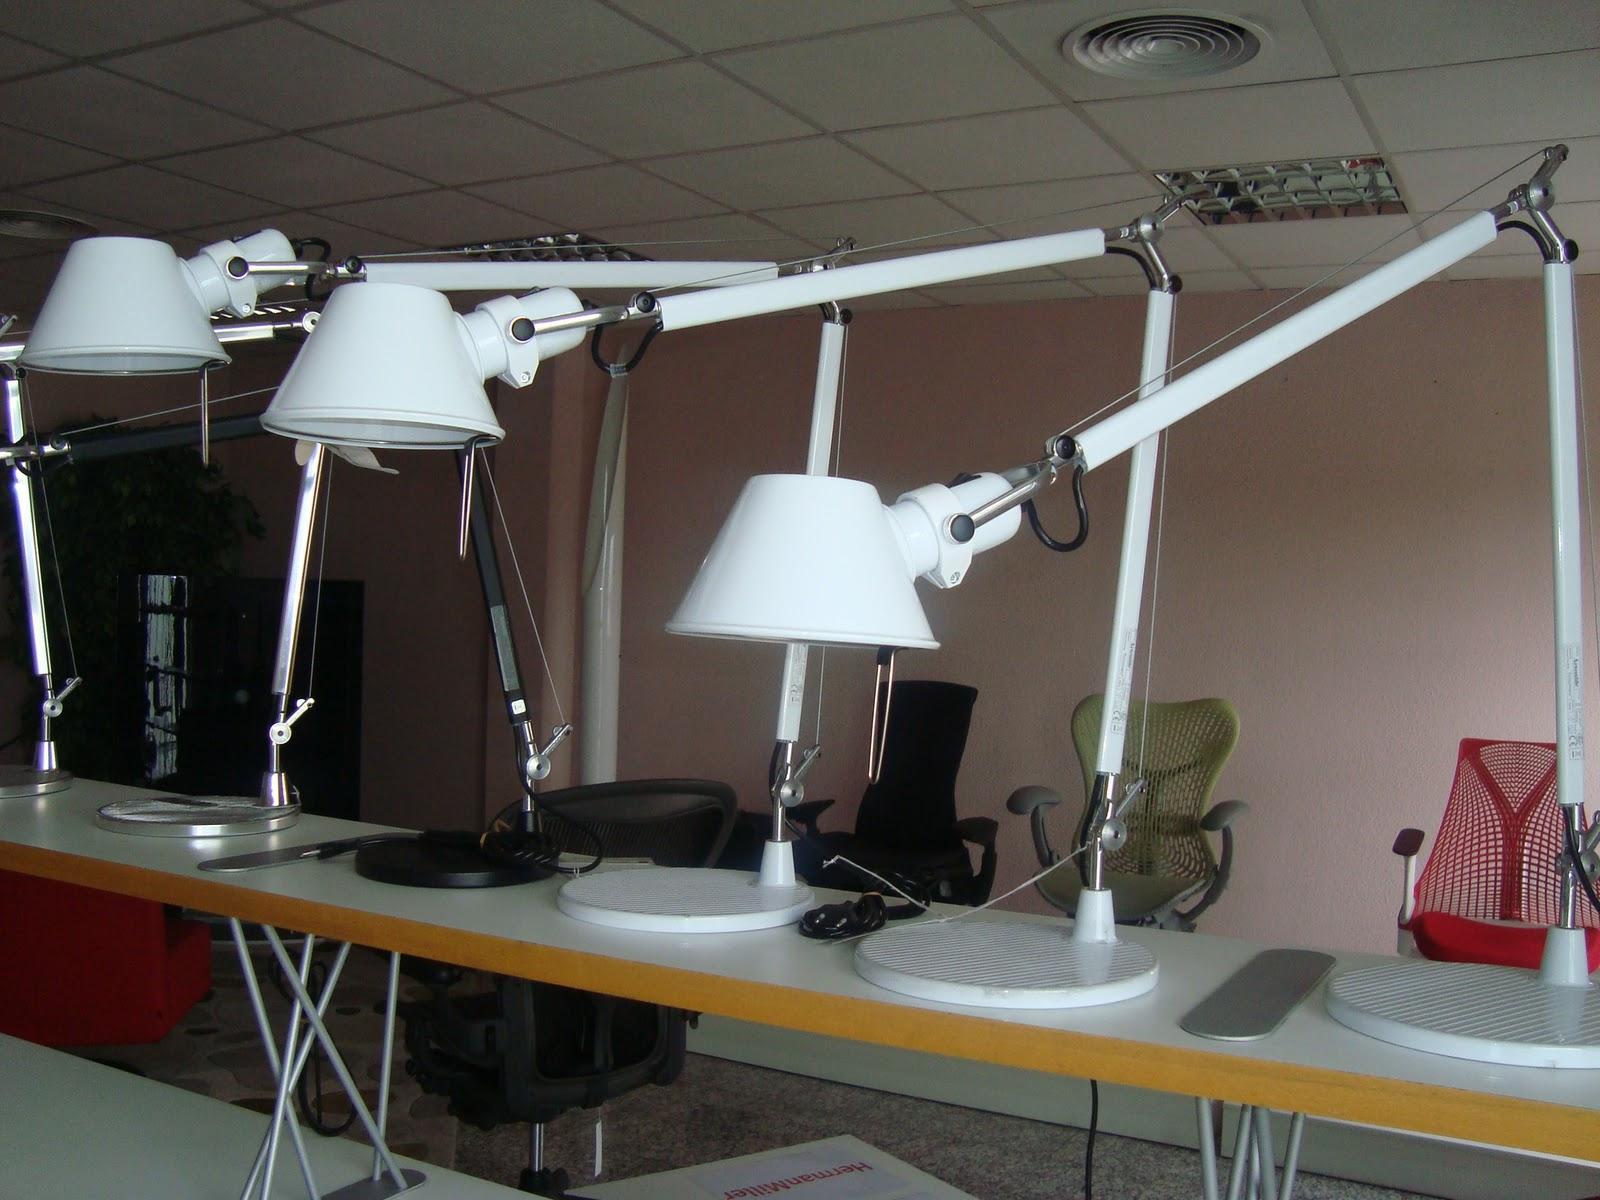 Liquidacion muebles de dise o lamparas sobre mesa - Lampara tolomeo precio ...